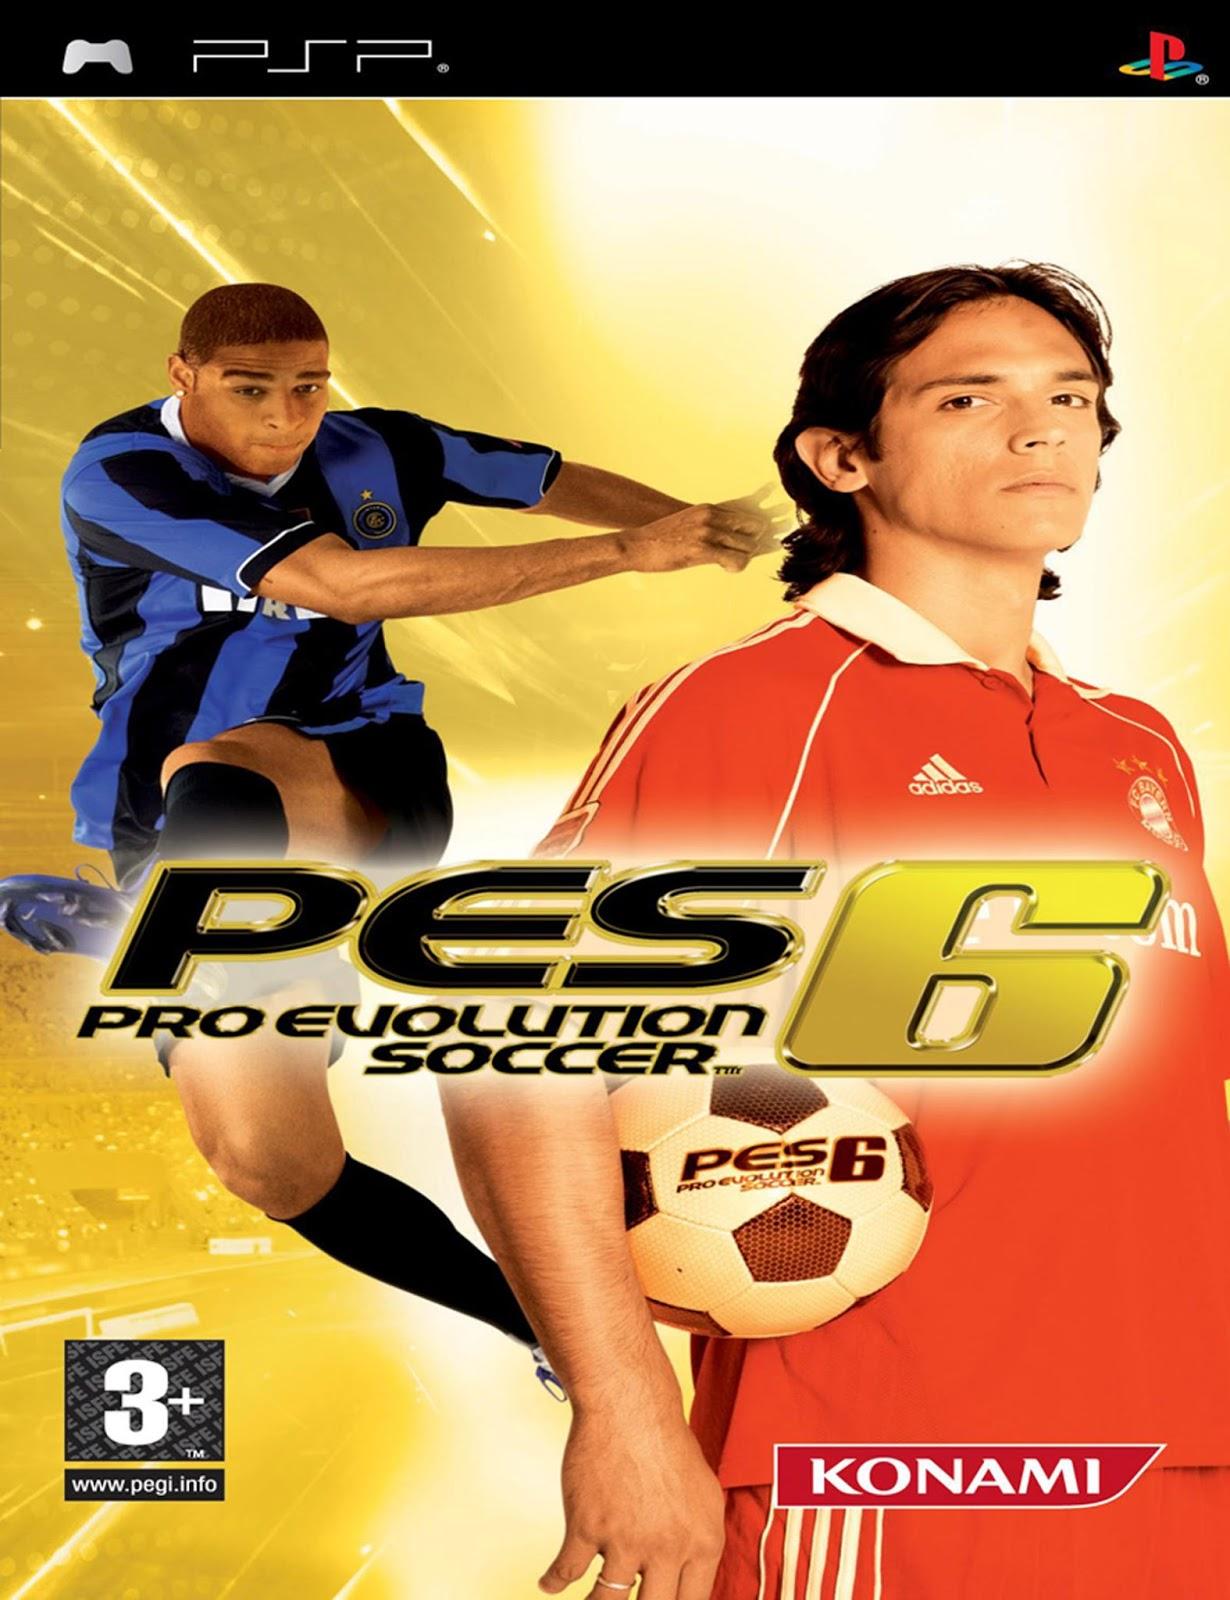 Pro Evolution Soccer (PES) 2009 Full Version